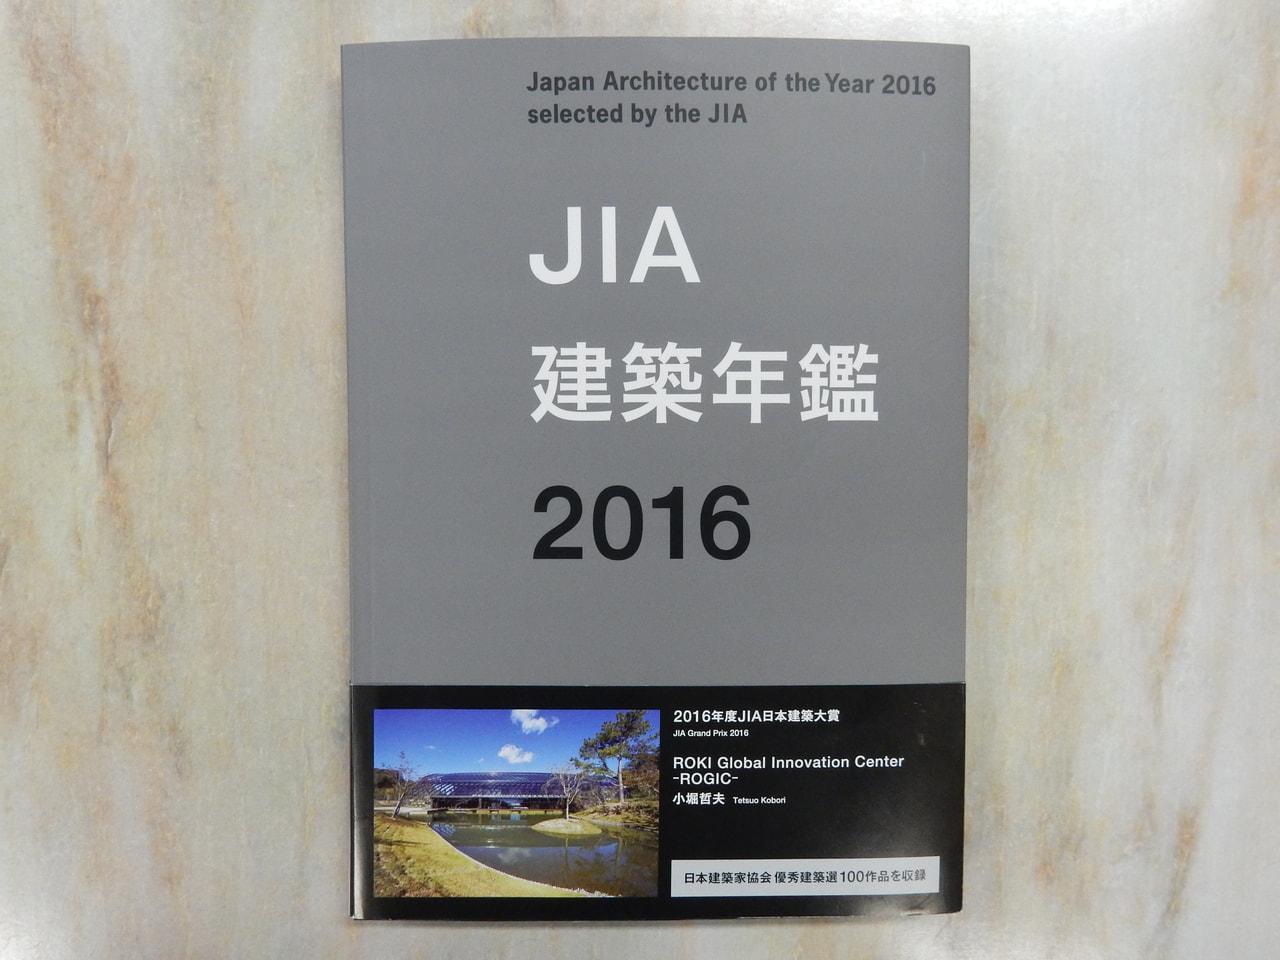 竹原先生の記事が「JIA 建築年鑑2016」に掲載